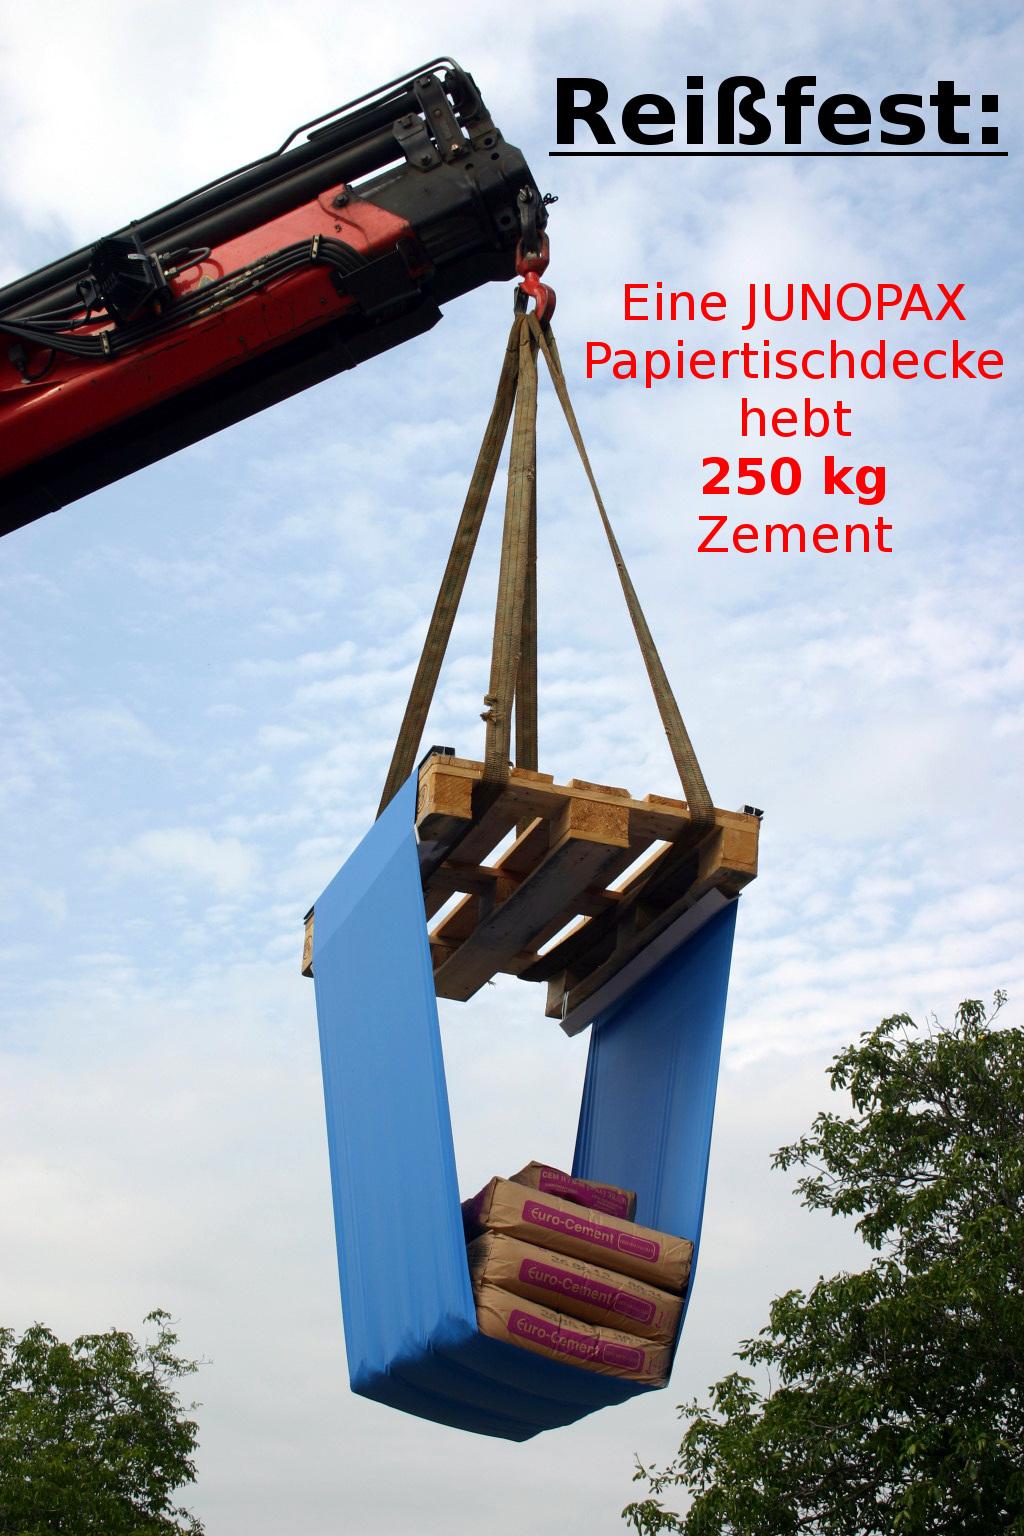 250 kg am Kran